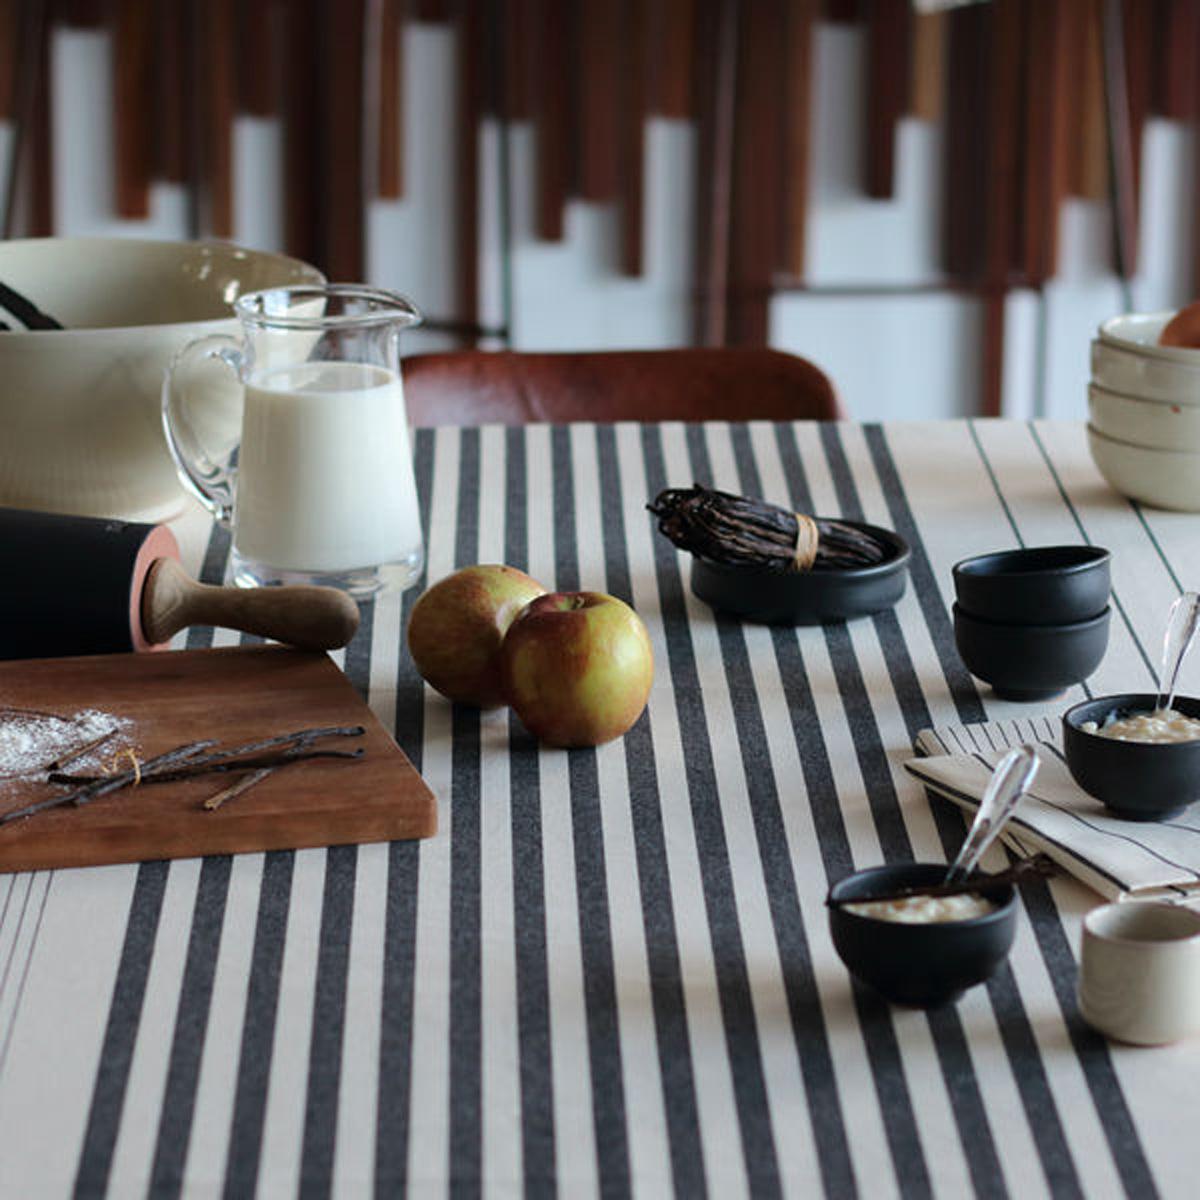 Nappe 12 couverts en coton ecru noir 350x160cm